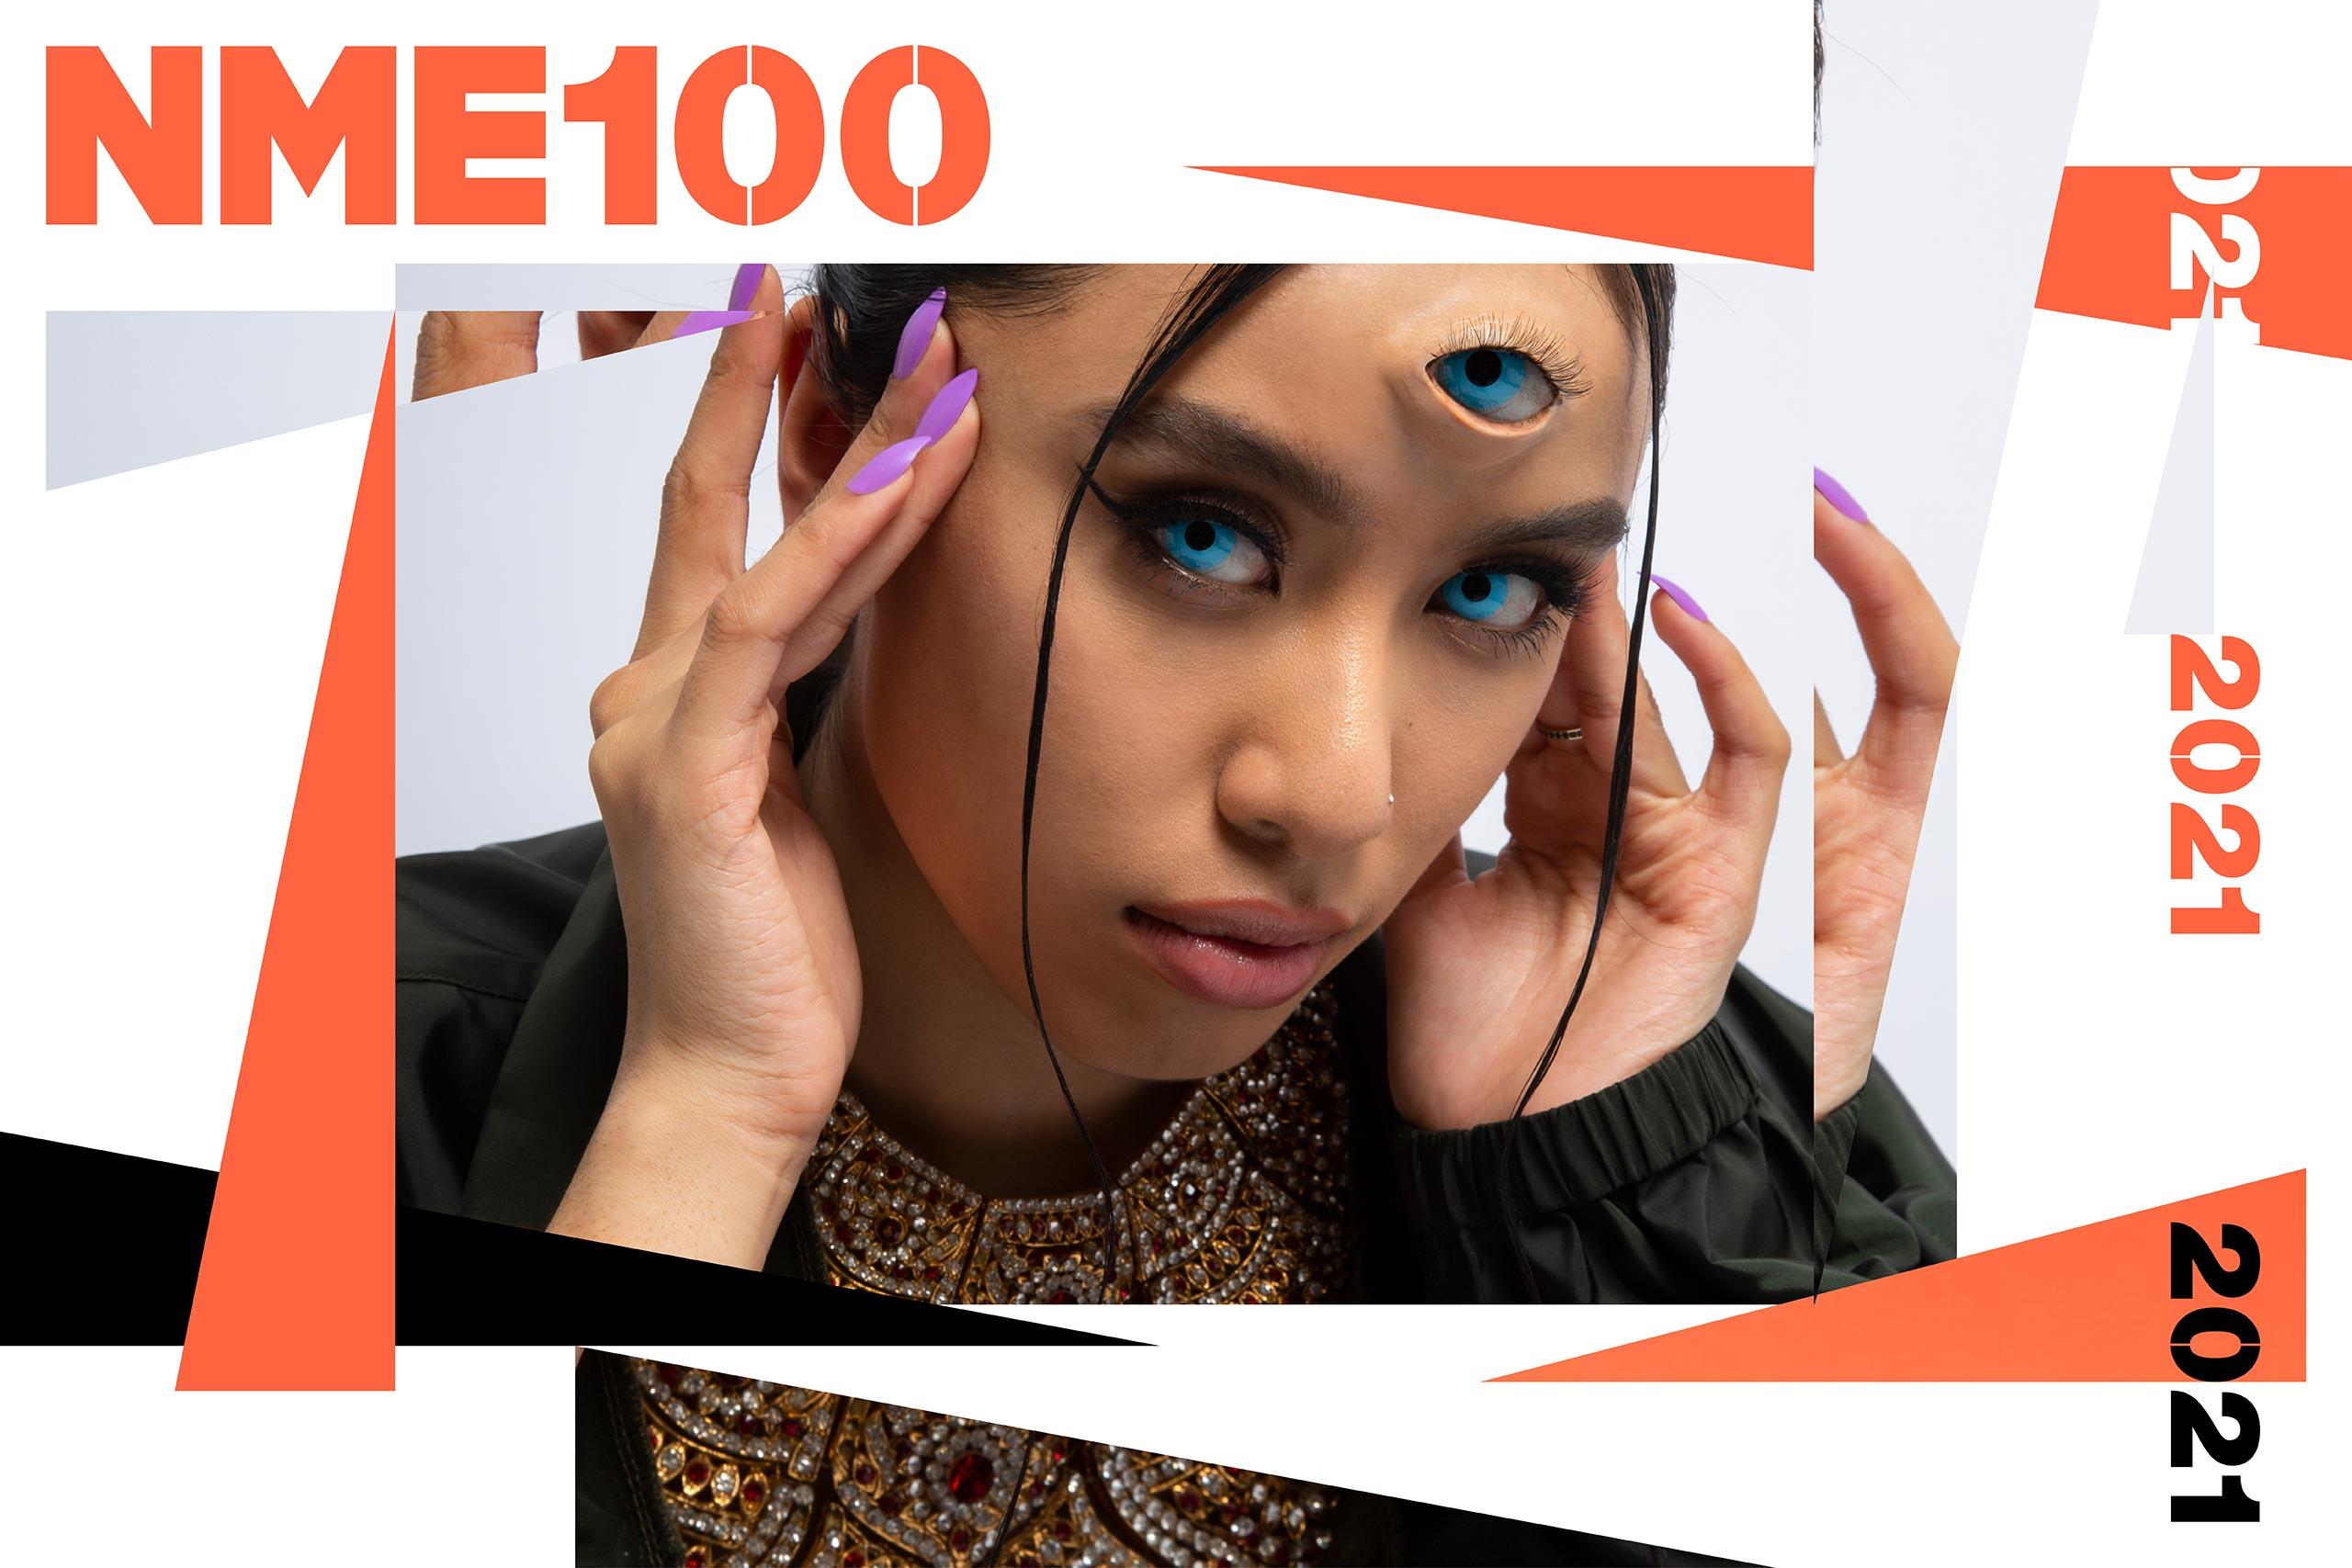 NME 100 nayana iz